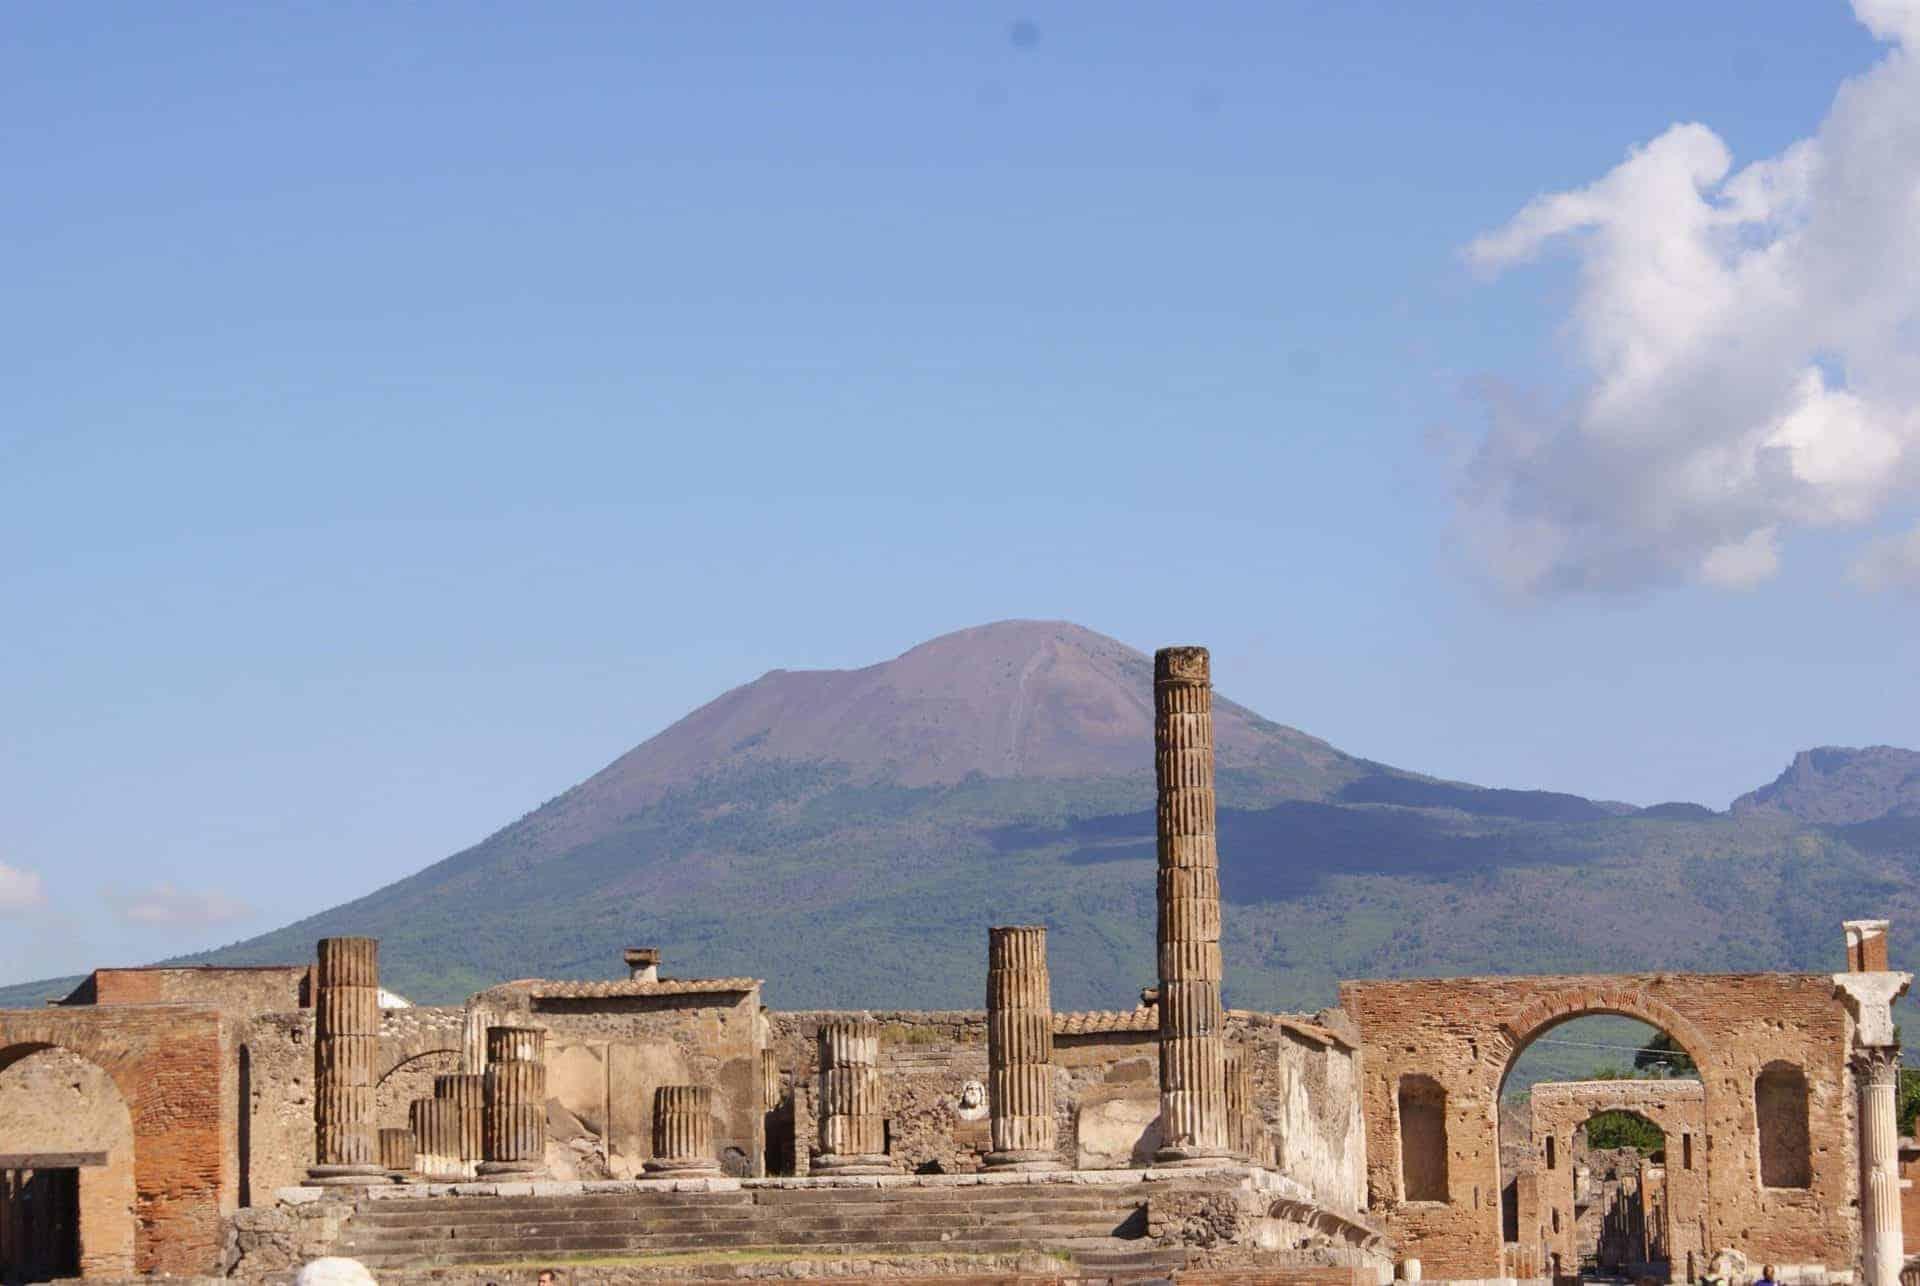 templeofjupiter_pompei-432756